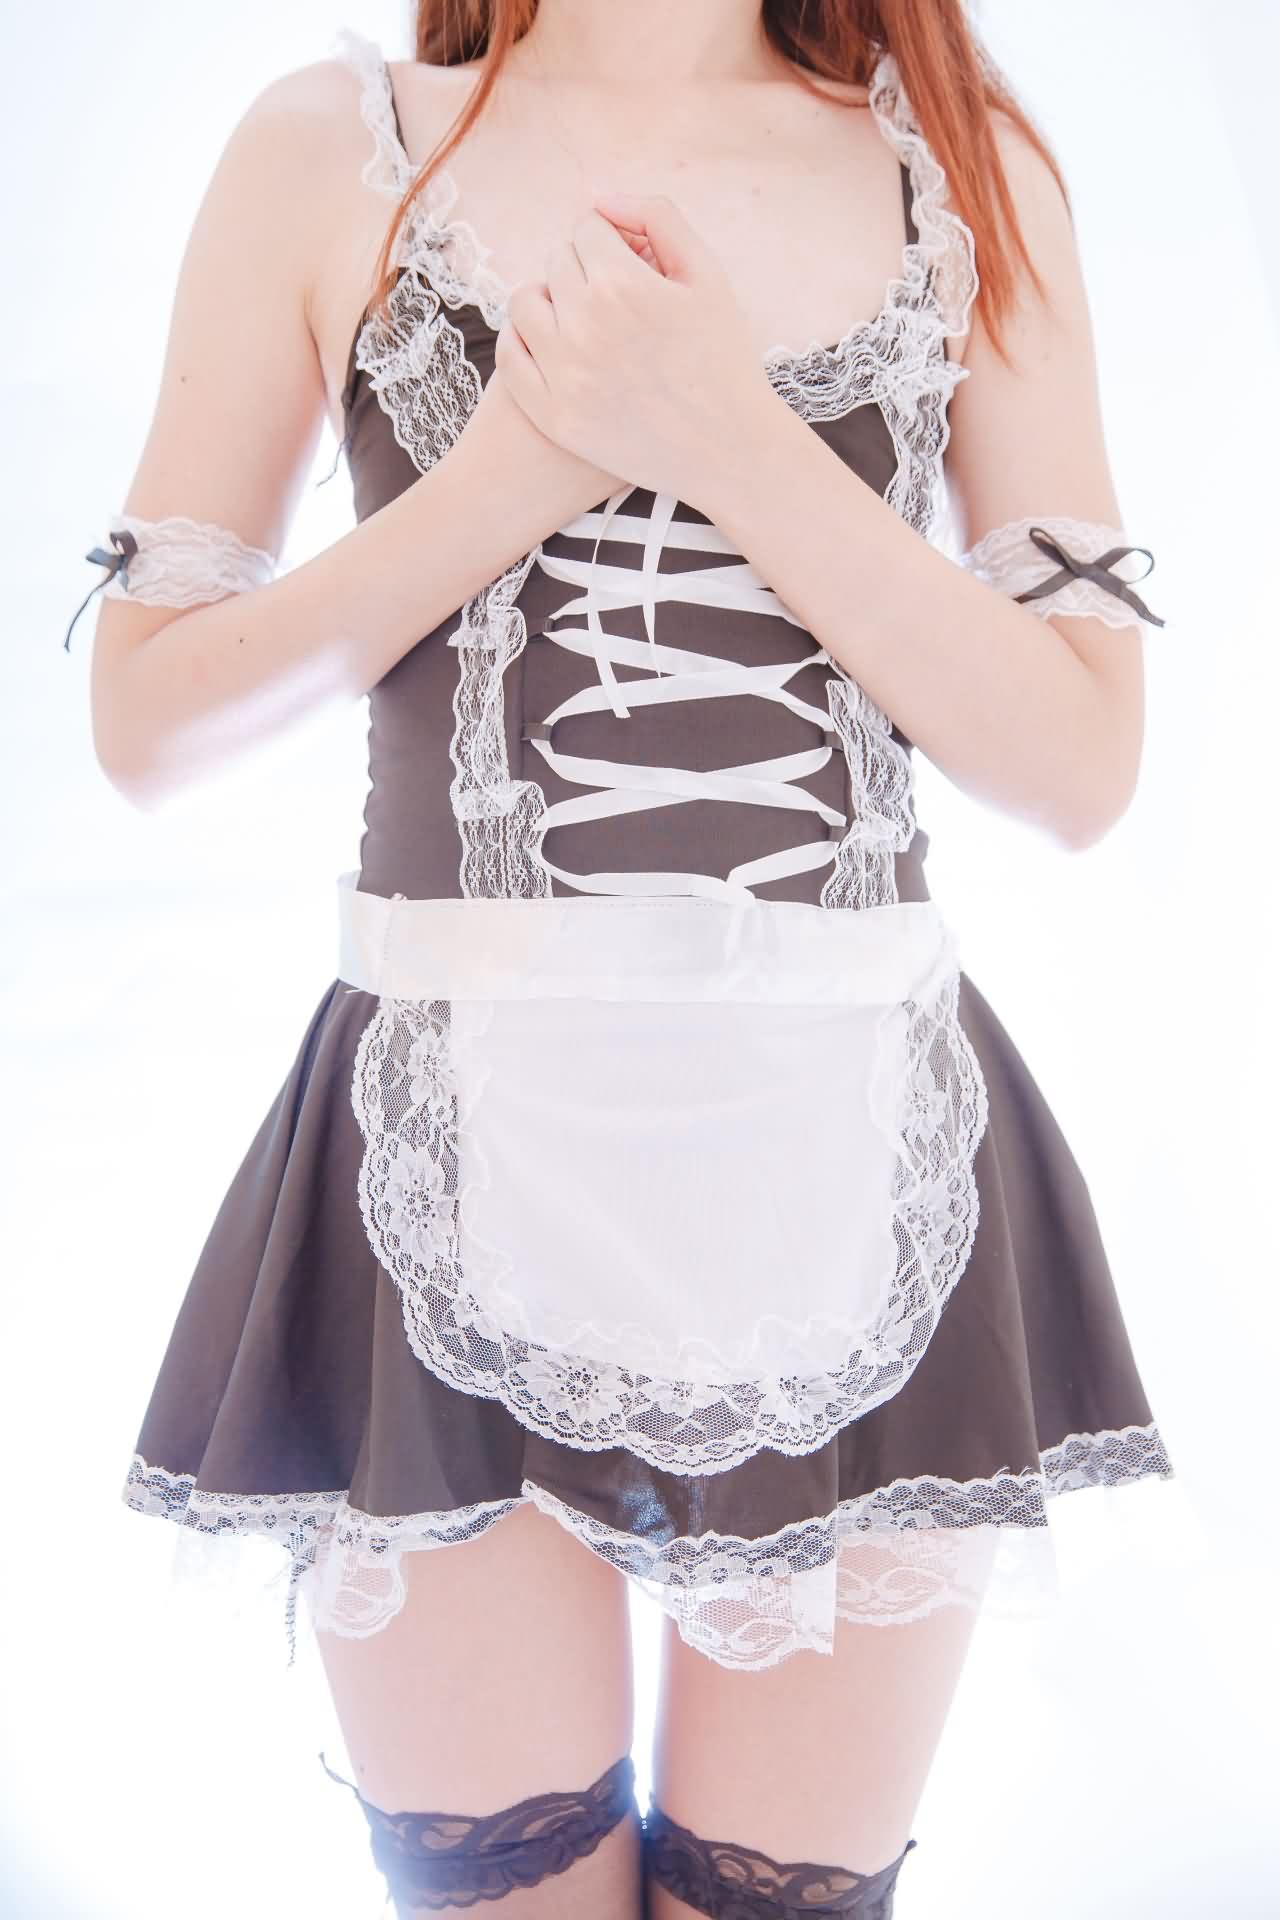 小鸟酱 pure maid special豪华版 48p/1V